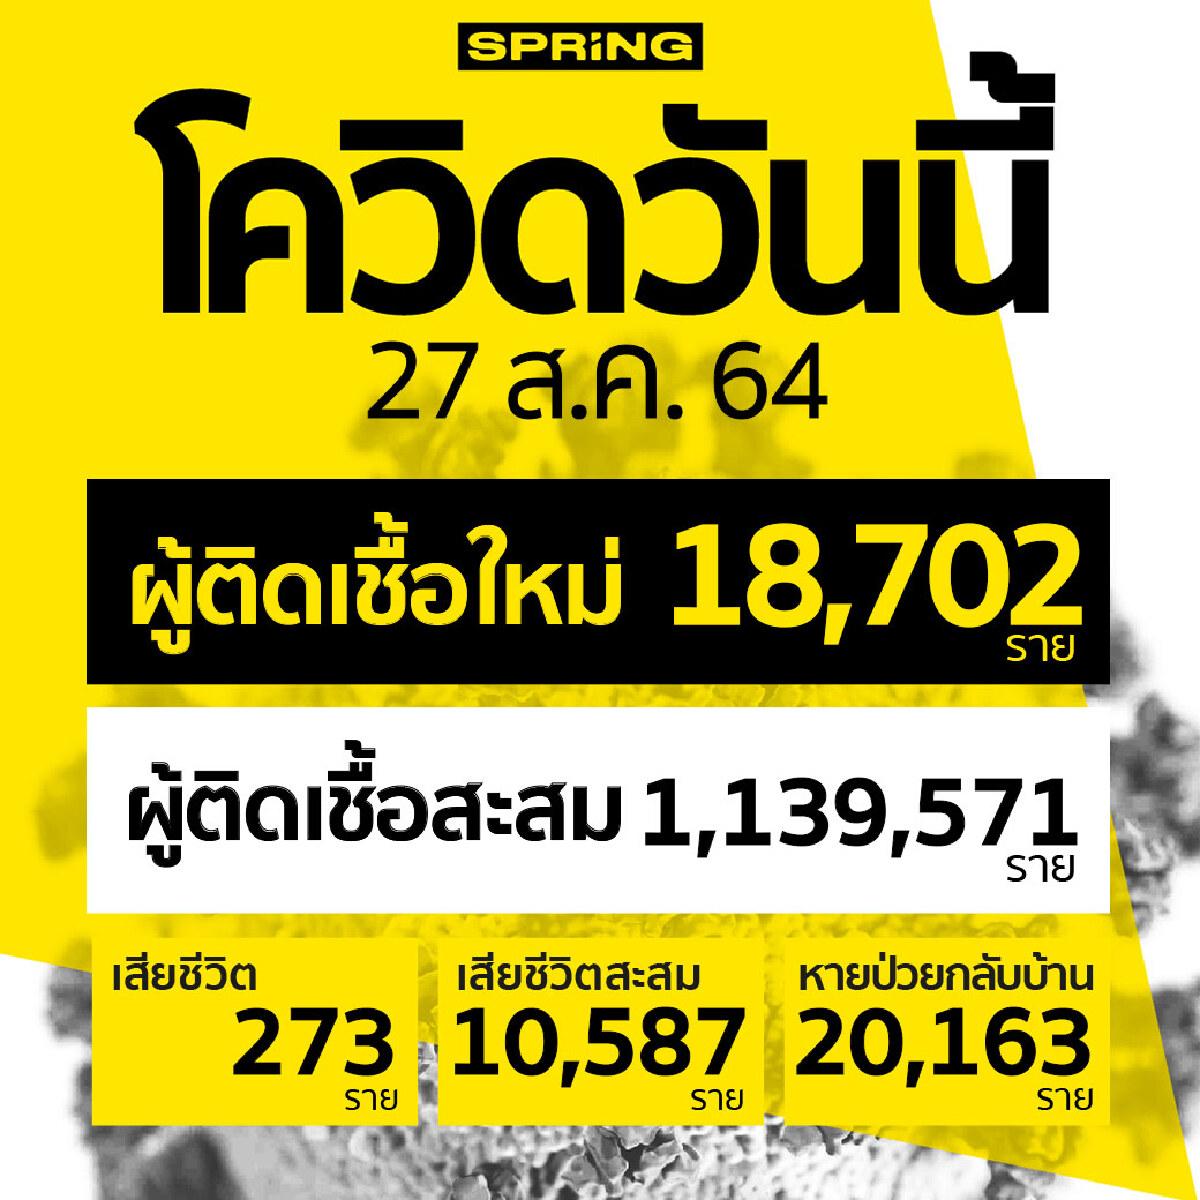 โควิดวันนี้ ติดเชื้อเพิ่ม 18,702 ราย สะสม 1,139,571 ราย เสียชีวิต 273 ราย